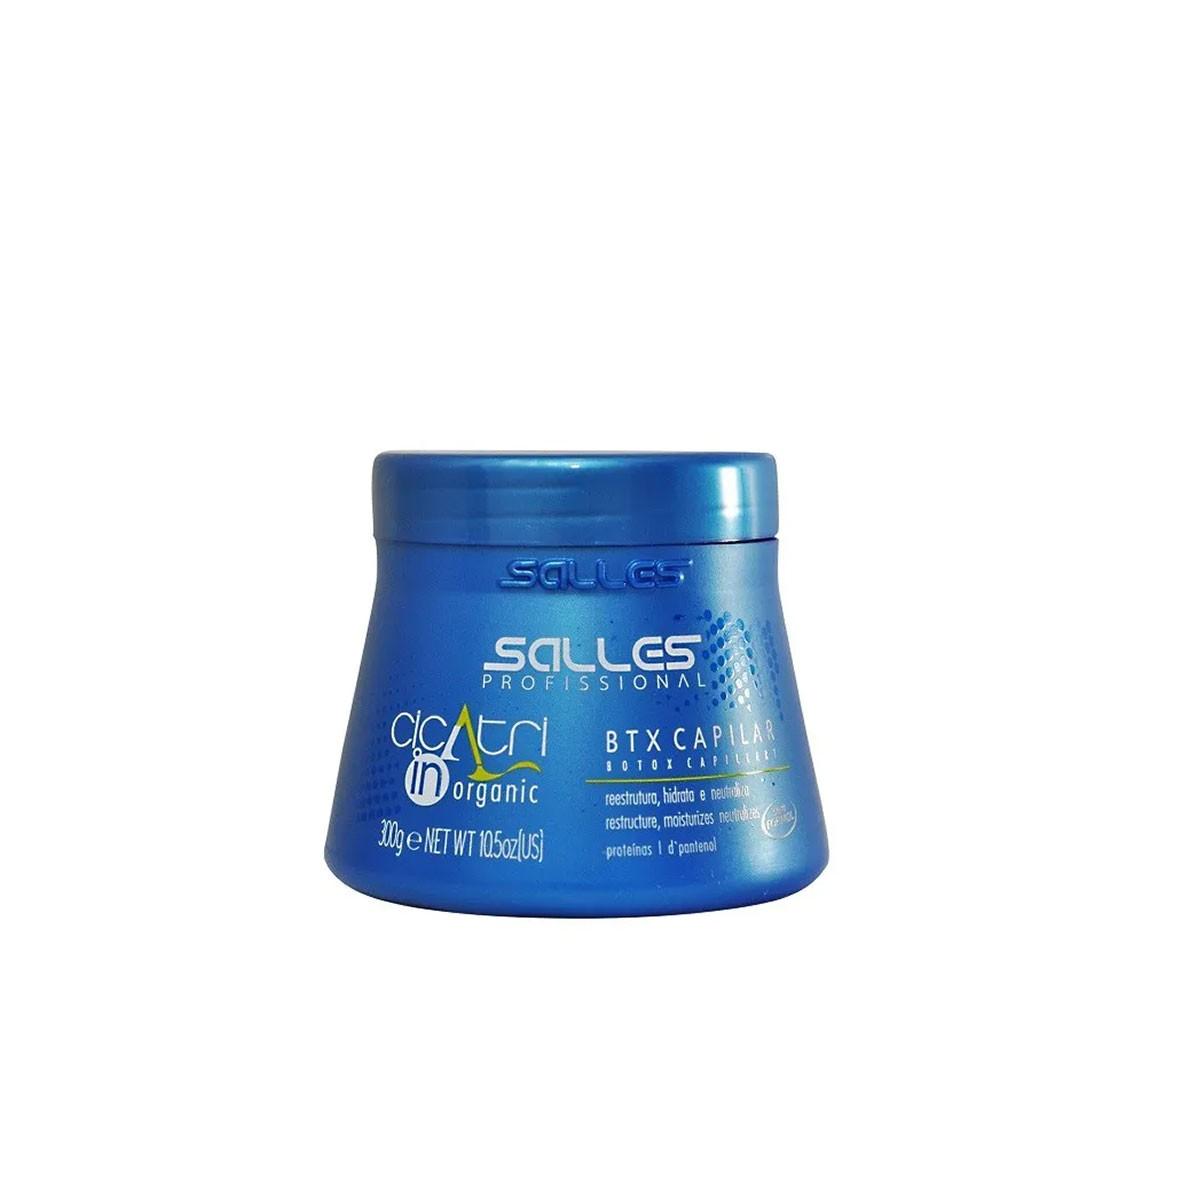 Botox BTX Capilar Cicatri Organic 300g